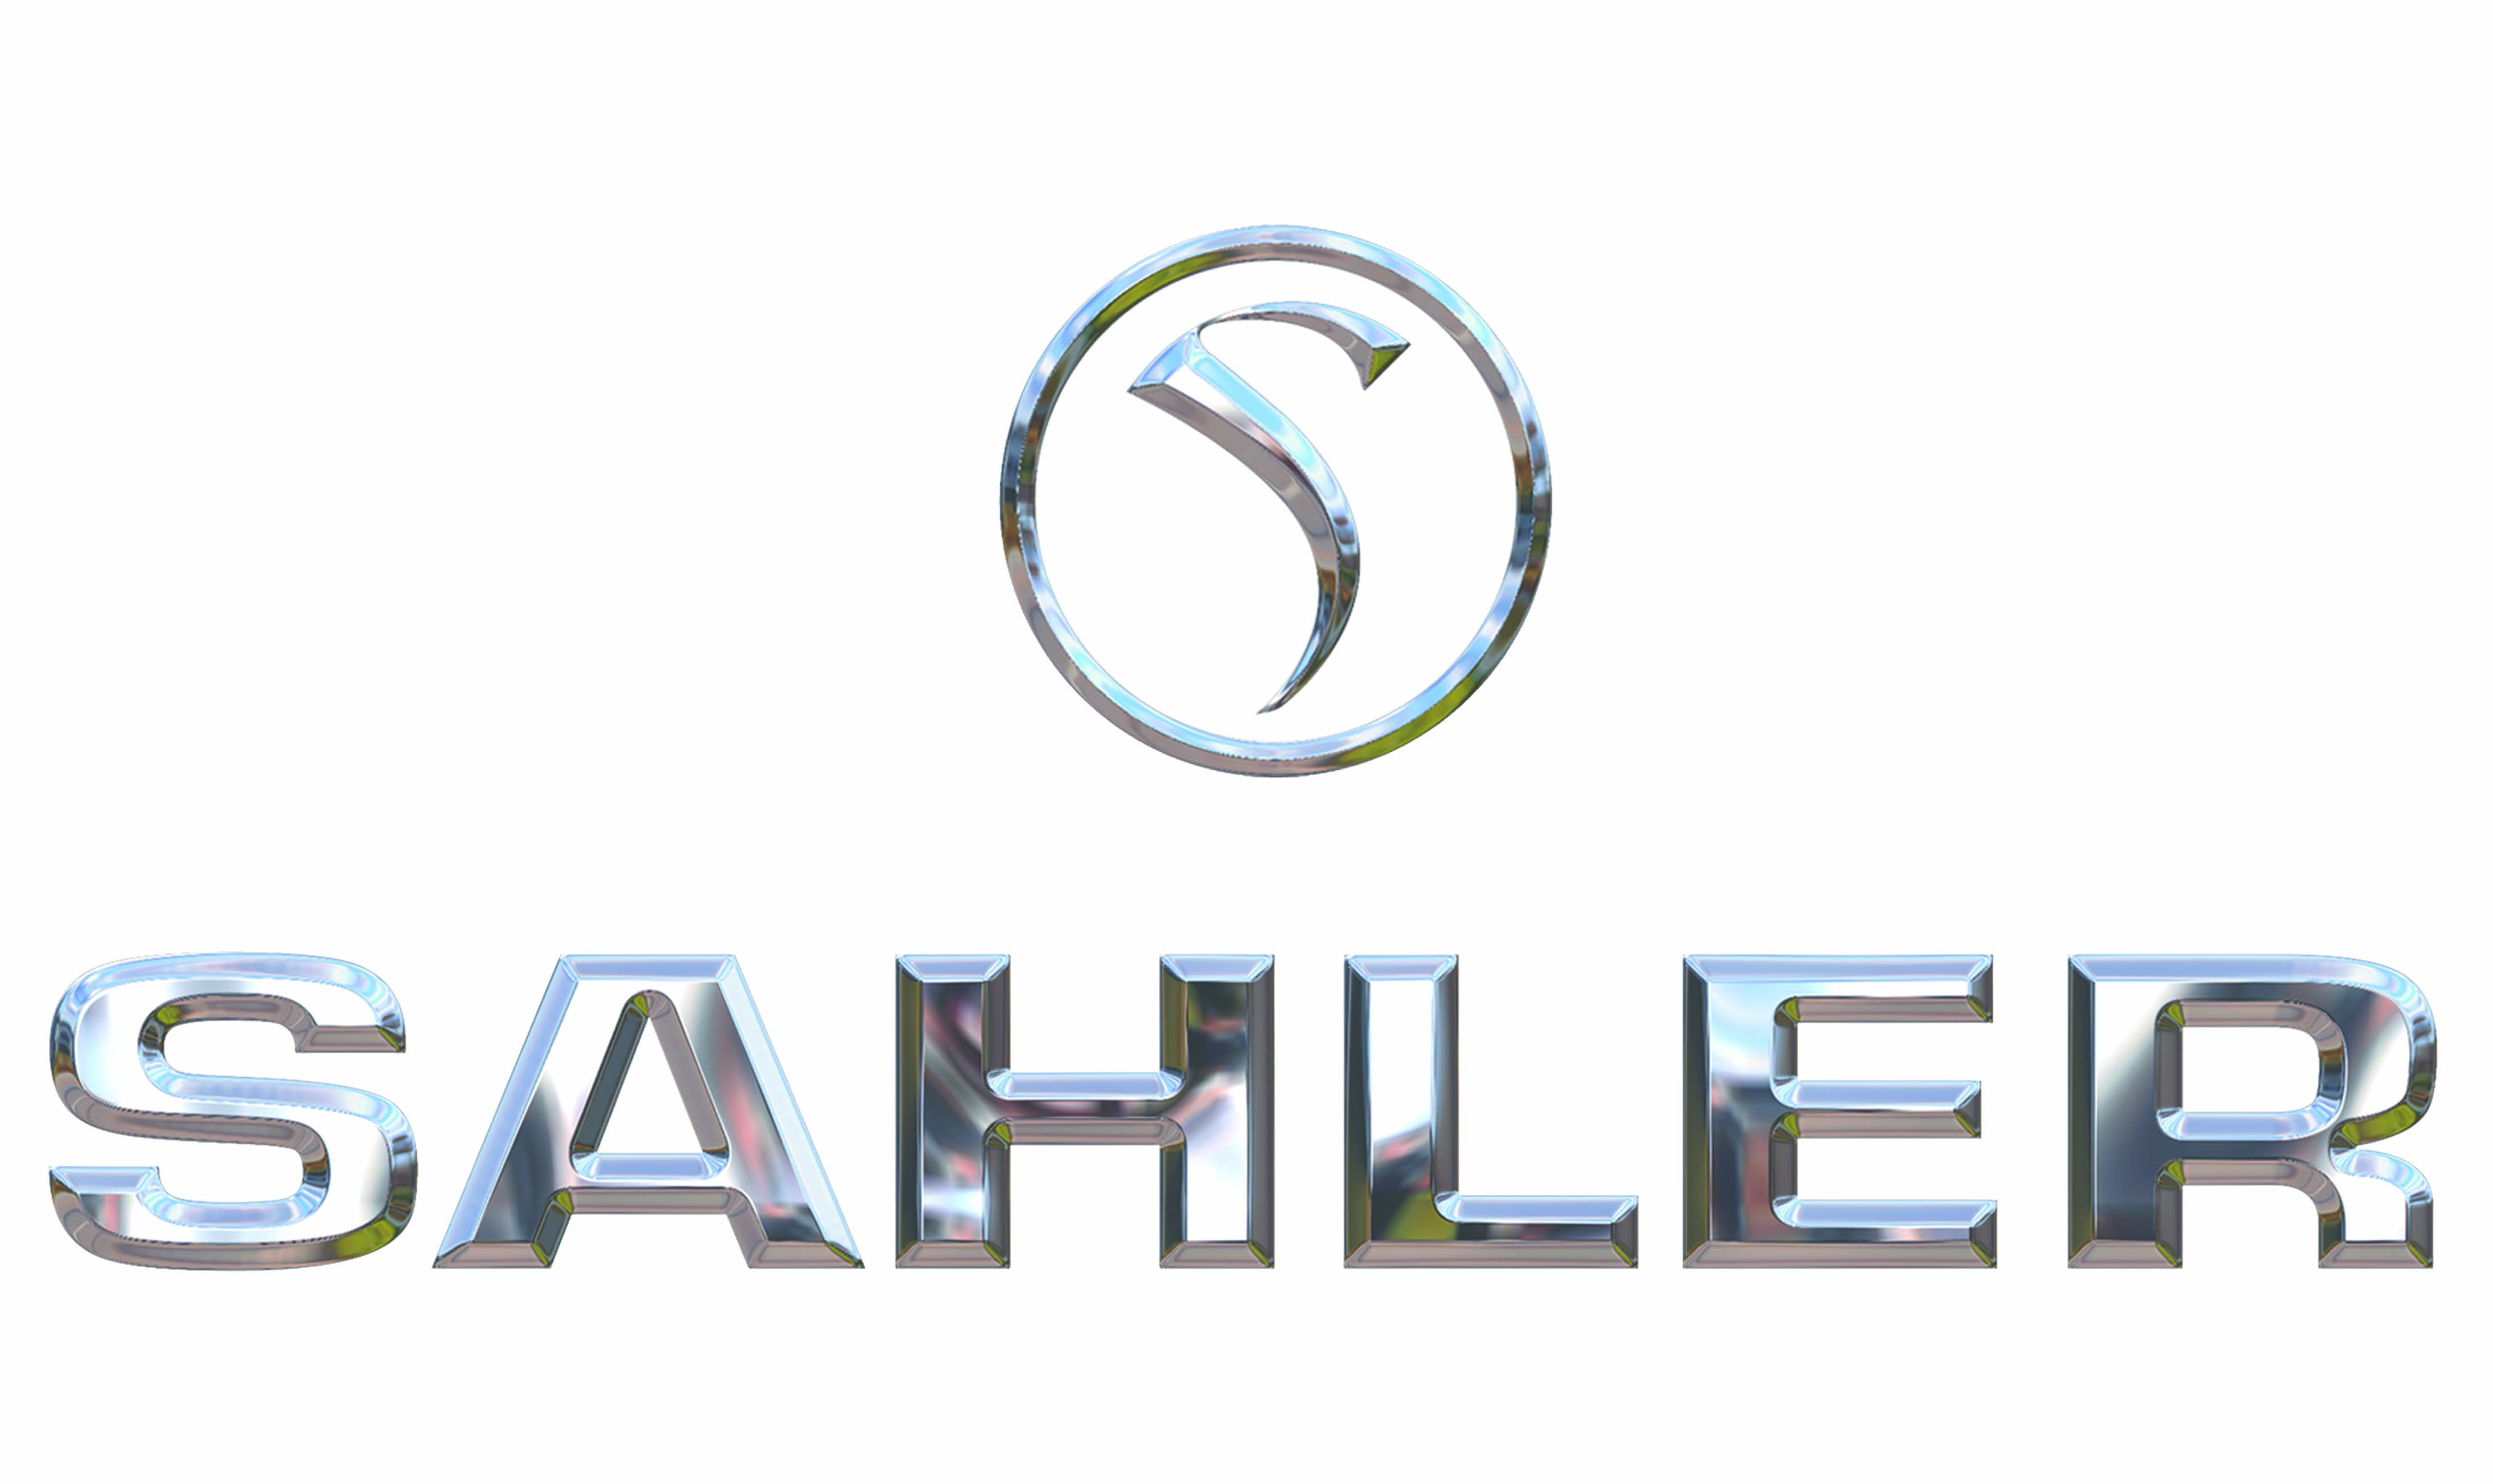 Ak Deniz Otomotiv Hırdavat Tekstil Sanayi ve Ticaret Ltd.Şti., Ak Deniz Otomotiv Ltd. (Sahler)